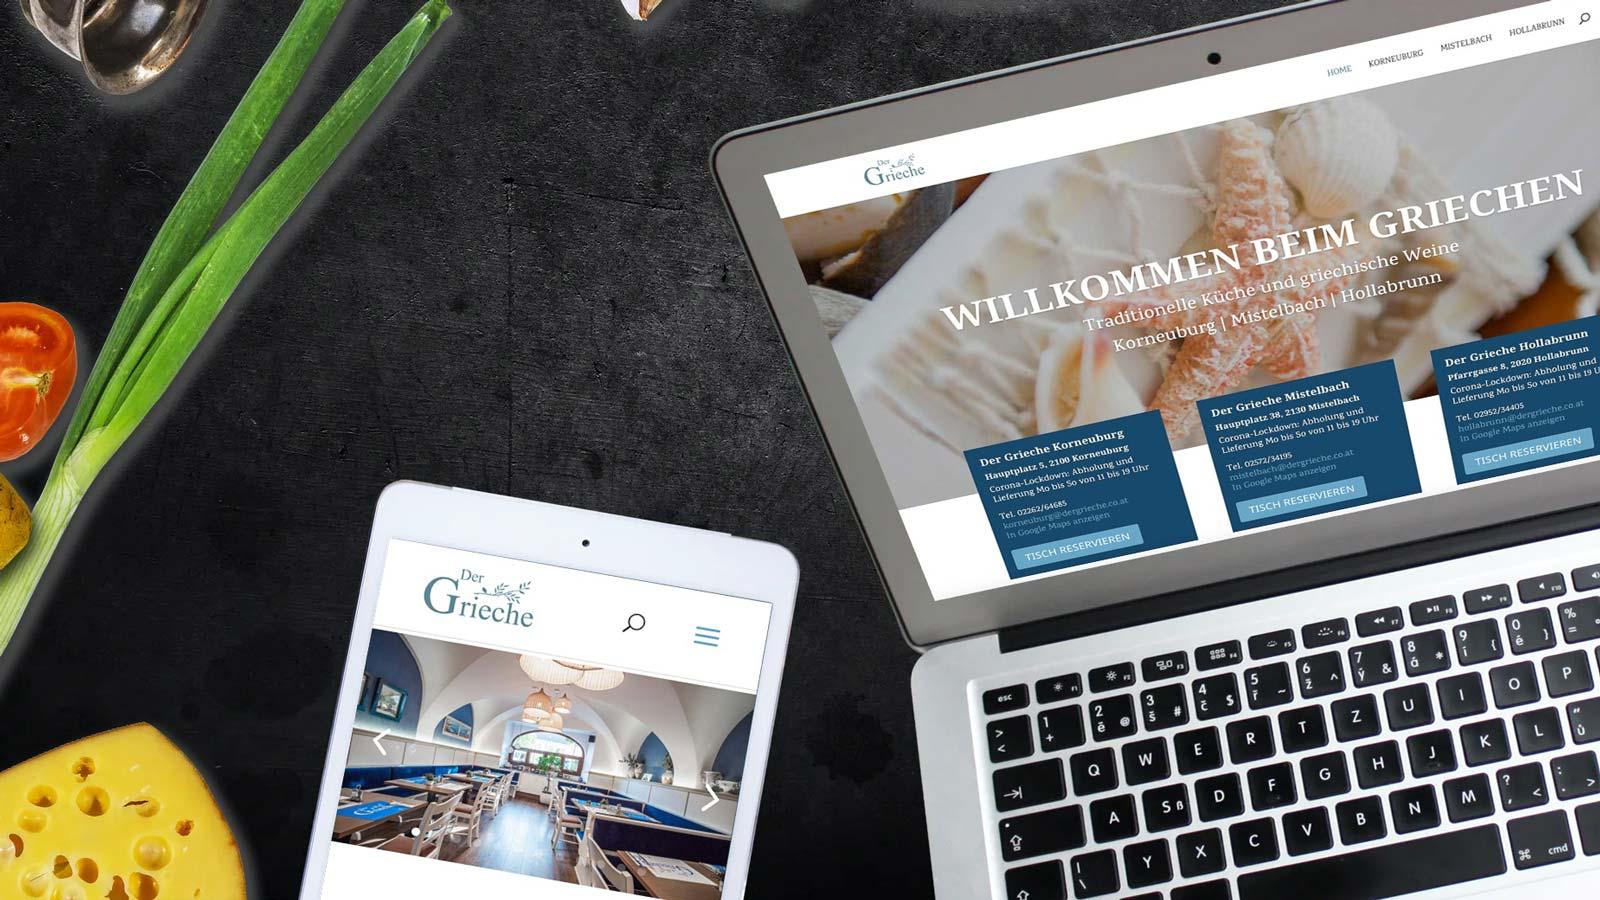 Der Grieche Website